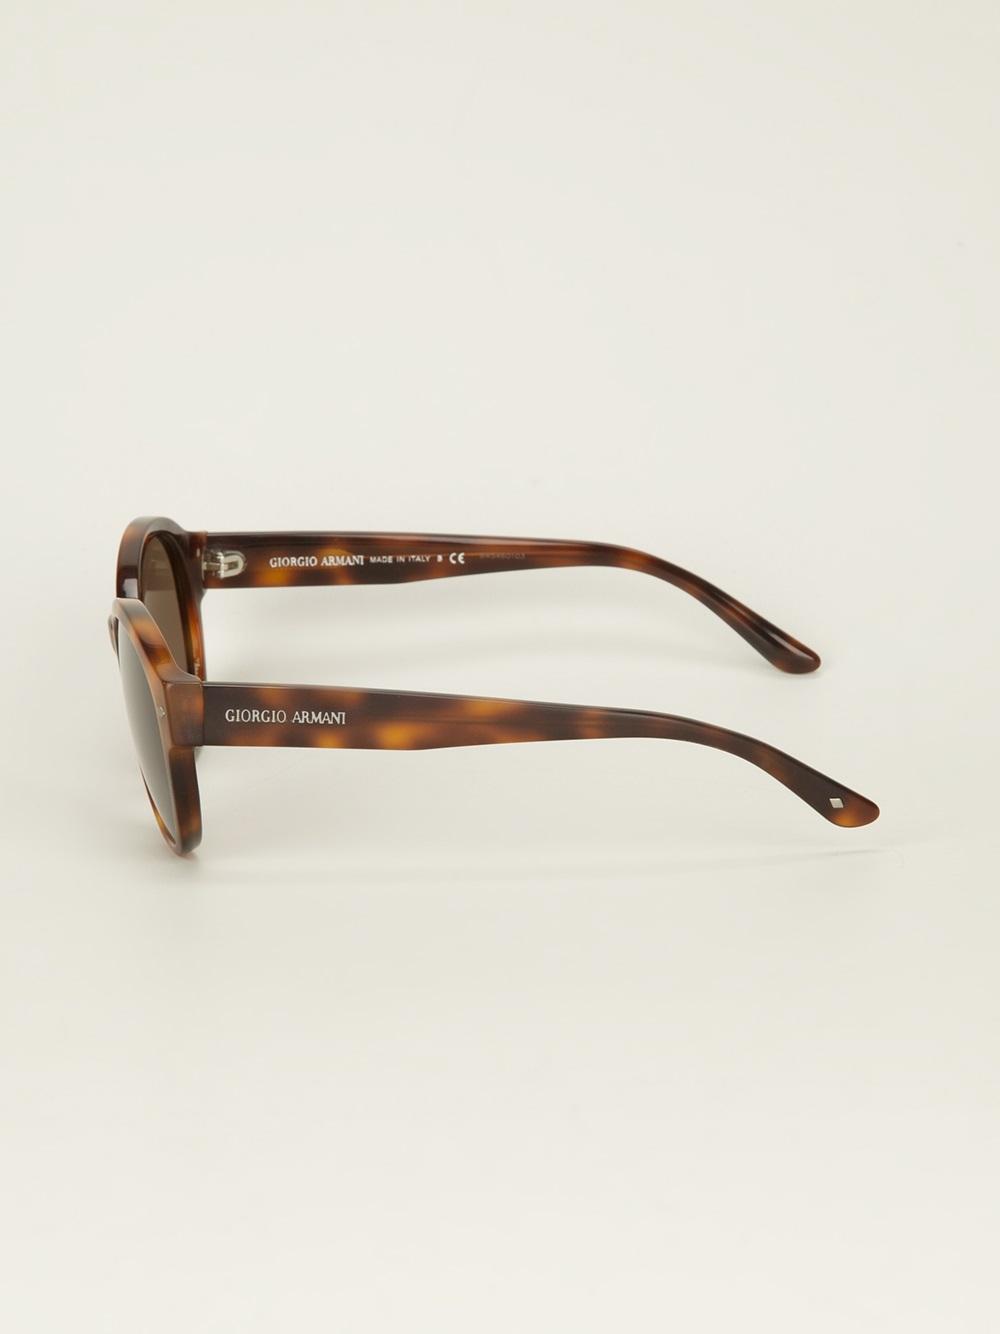 Giorgio Armani Glasses Frame Mens : Giorgio armani Oval Frame Sunglasses in Brown for Men Lyst